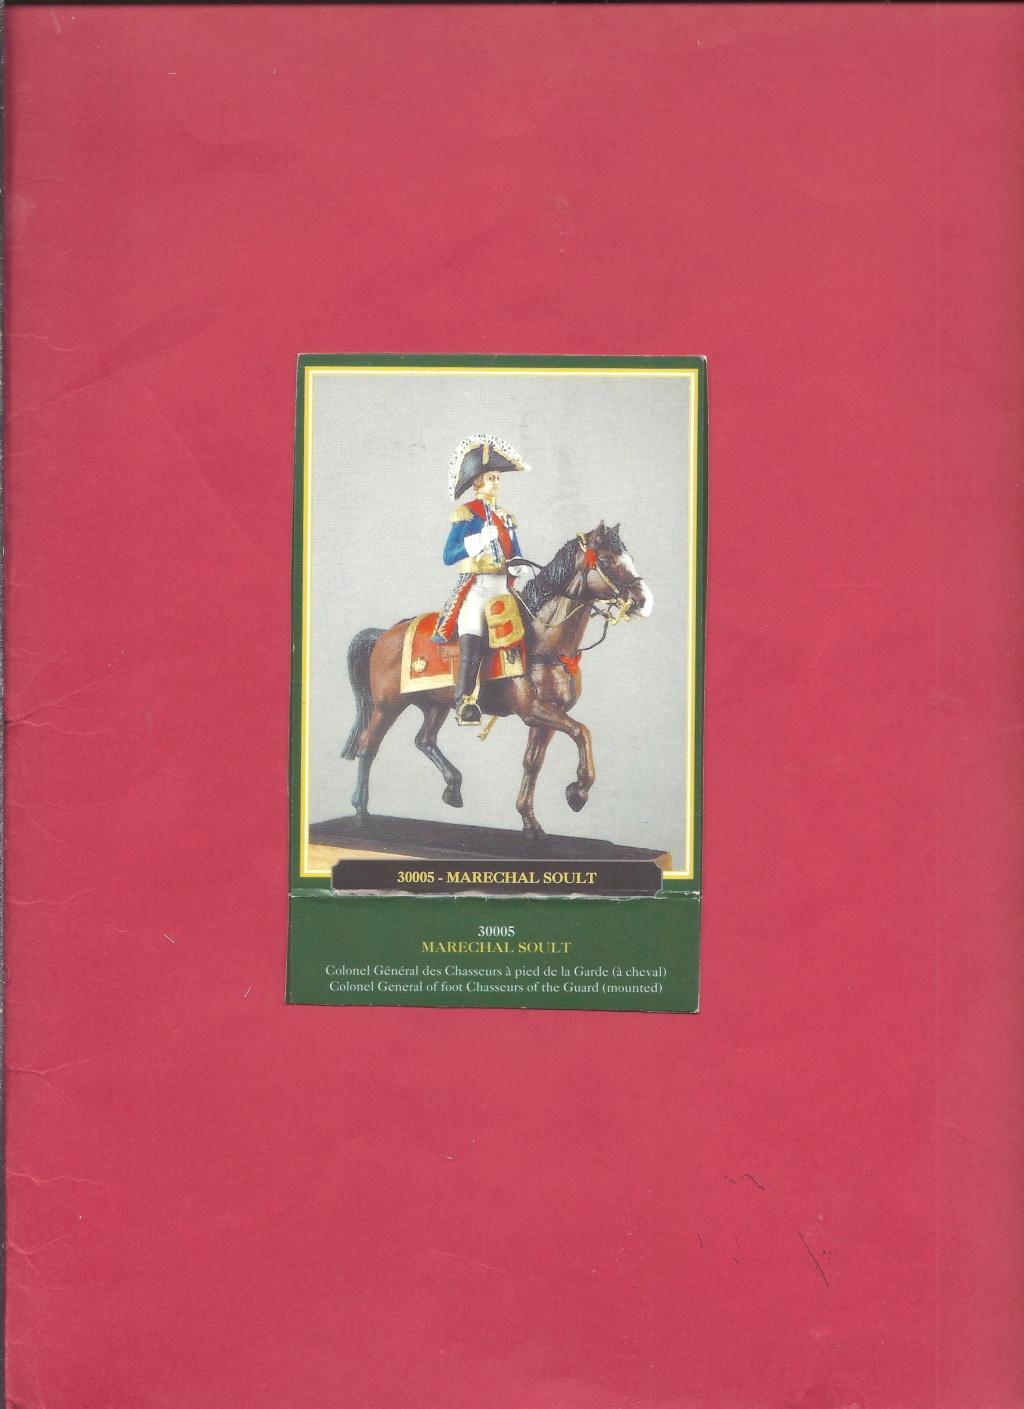 [HISTOREX] Maréchal SOULT Colonel Général des Chasseurs à pieds de la Garde Impériale 1/30ème Réf 30005 Notice Histo129